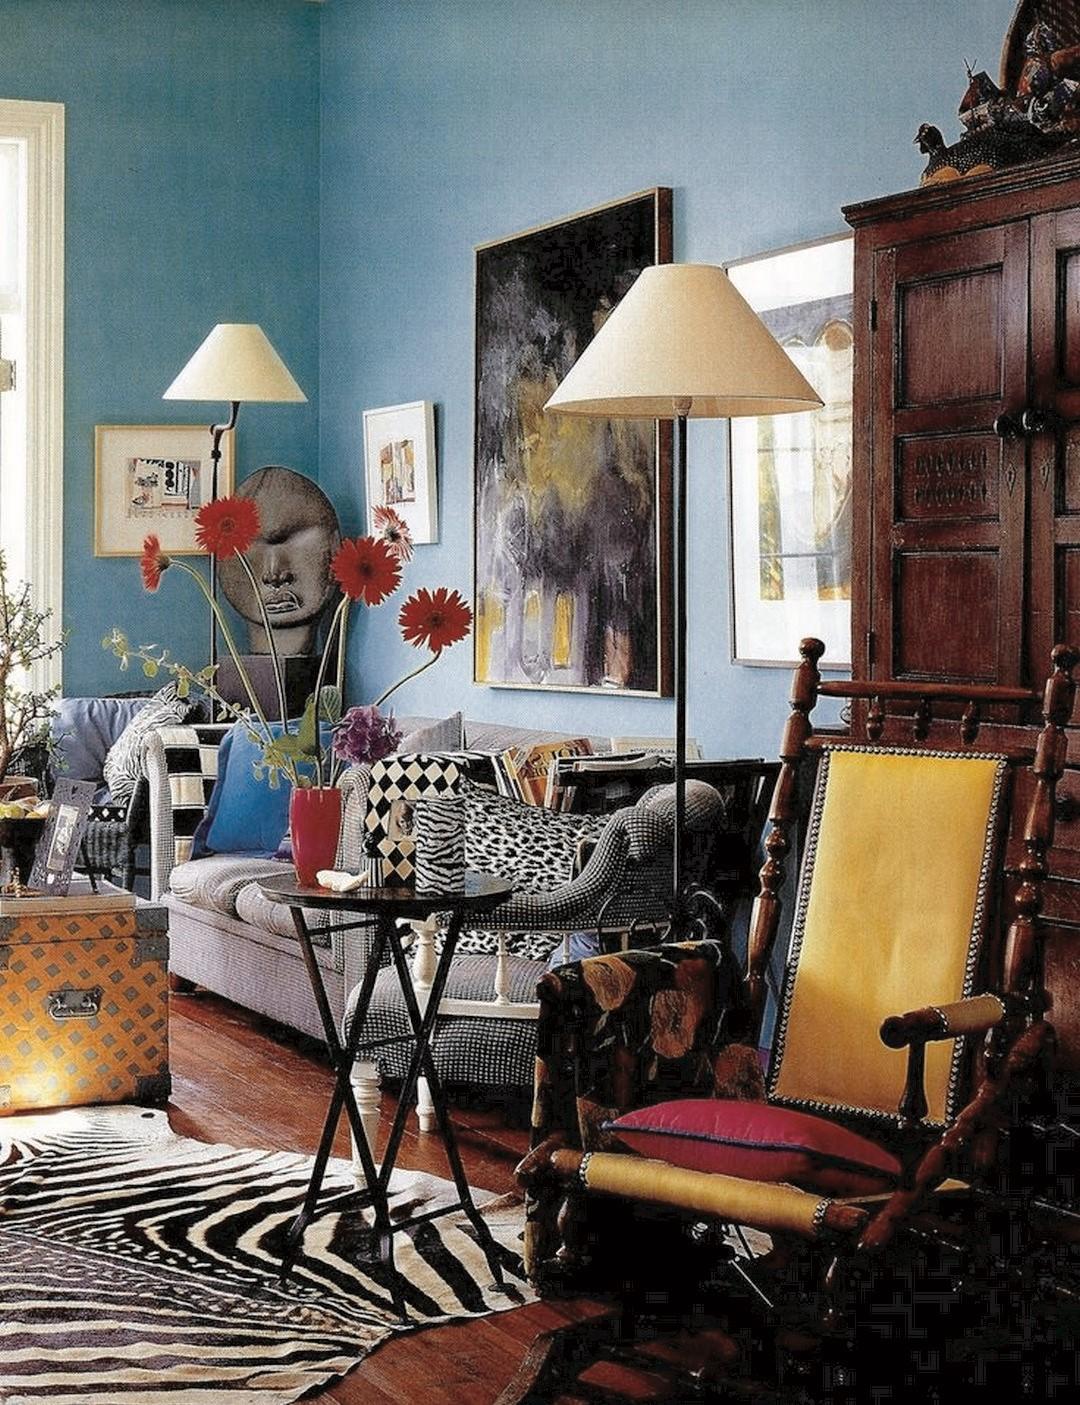 Comme dans cette déco de salon, une combinaison audacieuse de couleurs et de textures est au cœur de tout espace maximaliste.